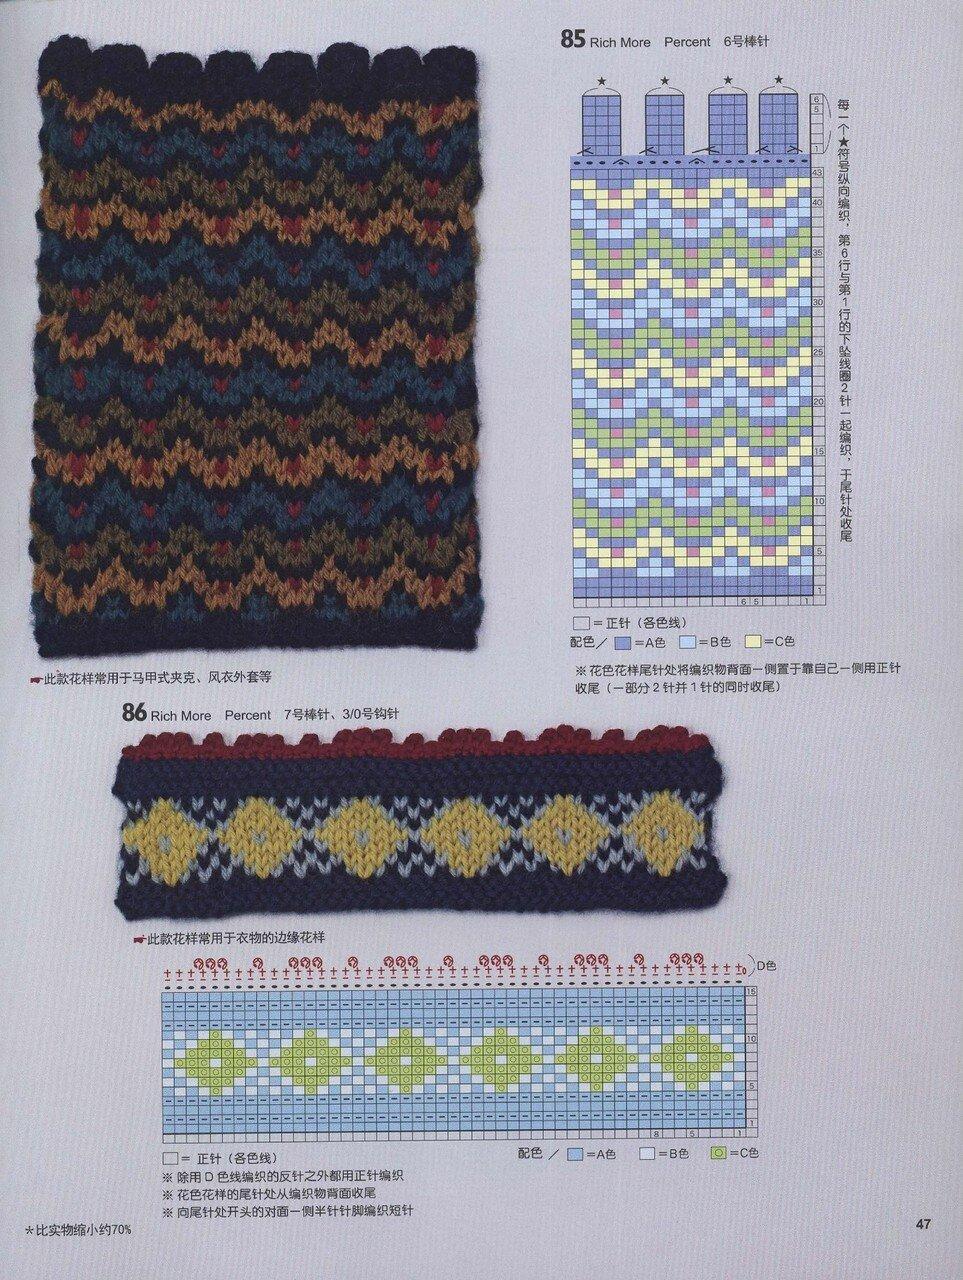 150 Knitting_49.jpg